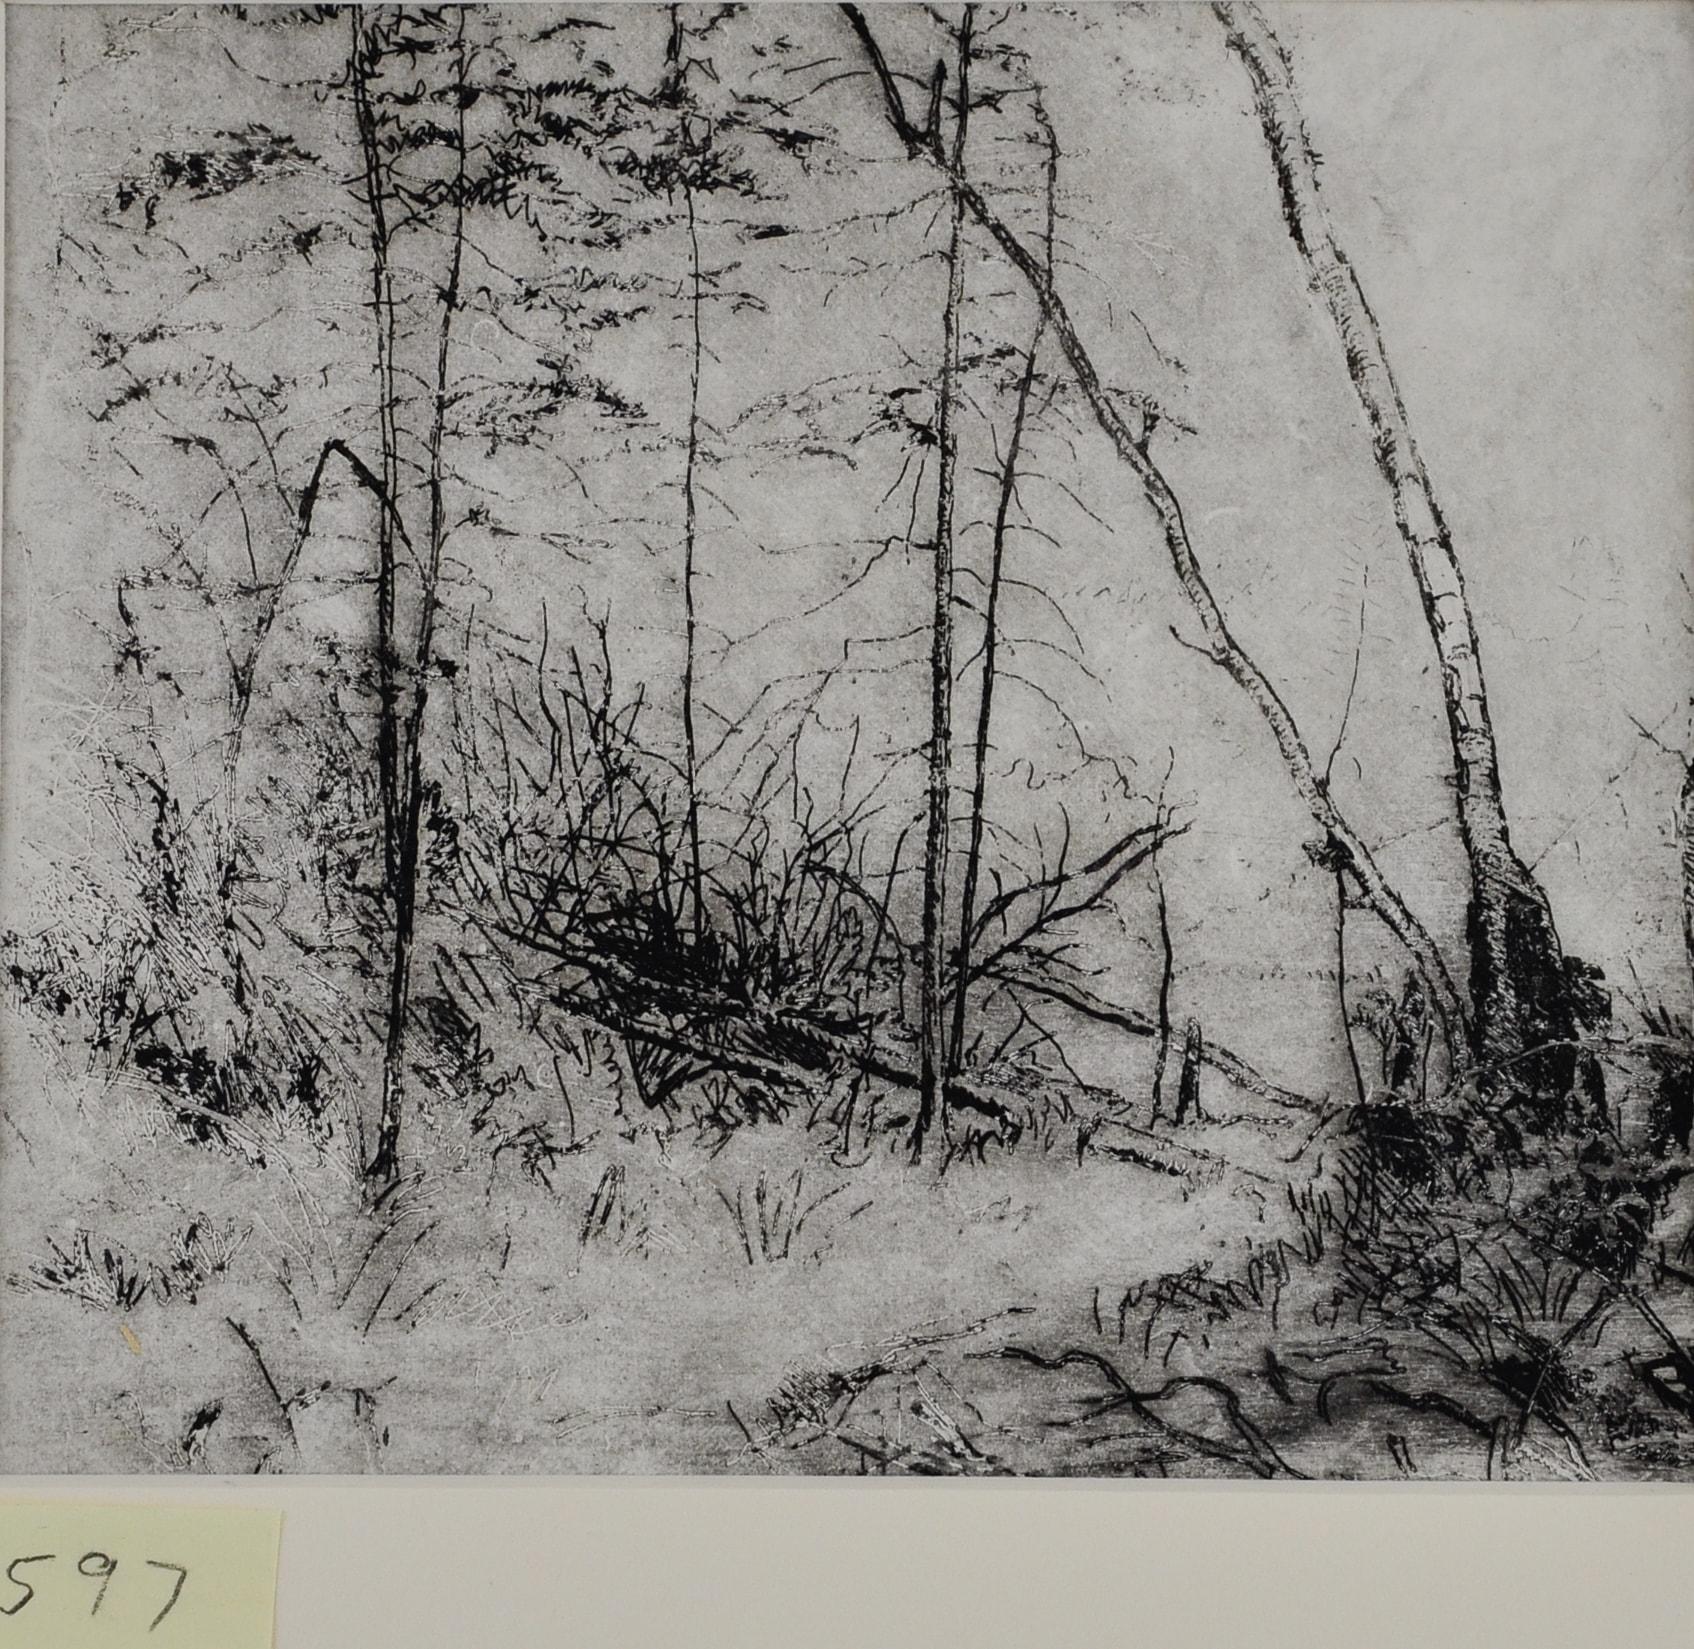 Seton's Drawn Landscapes